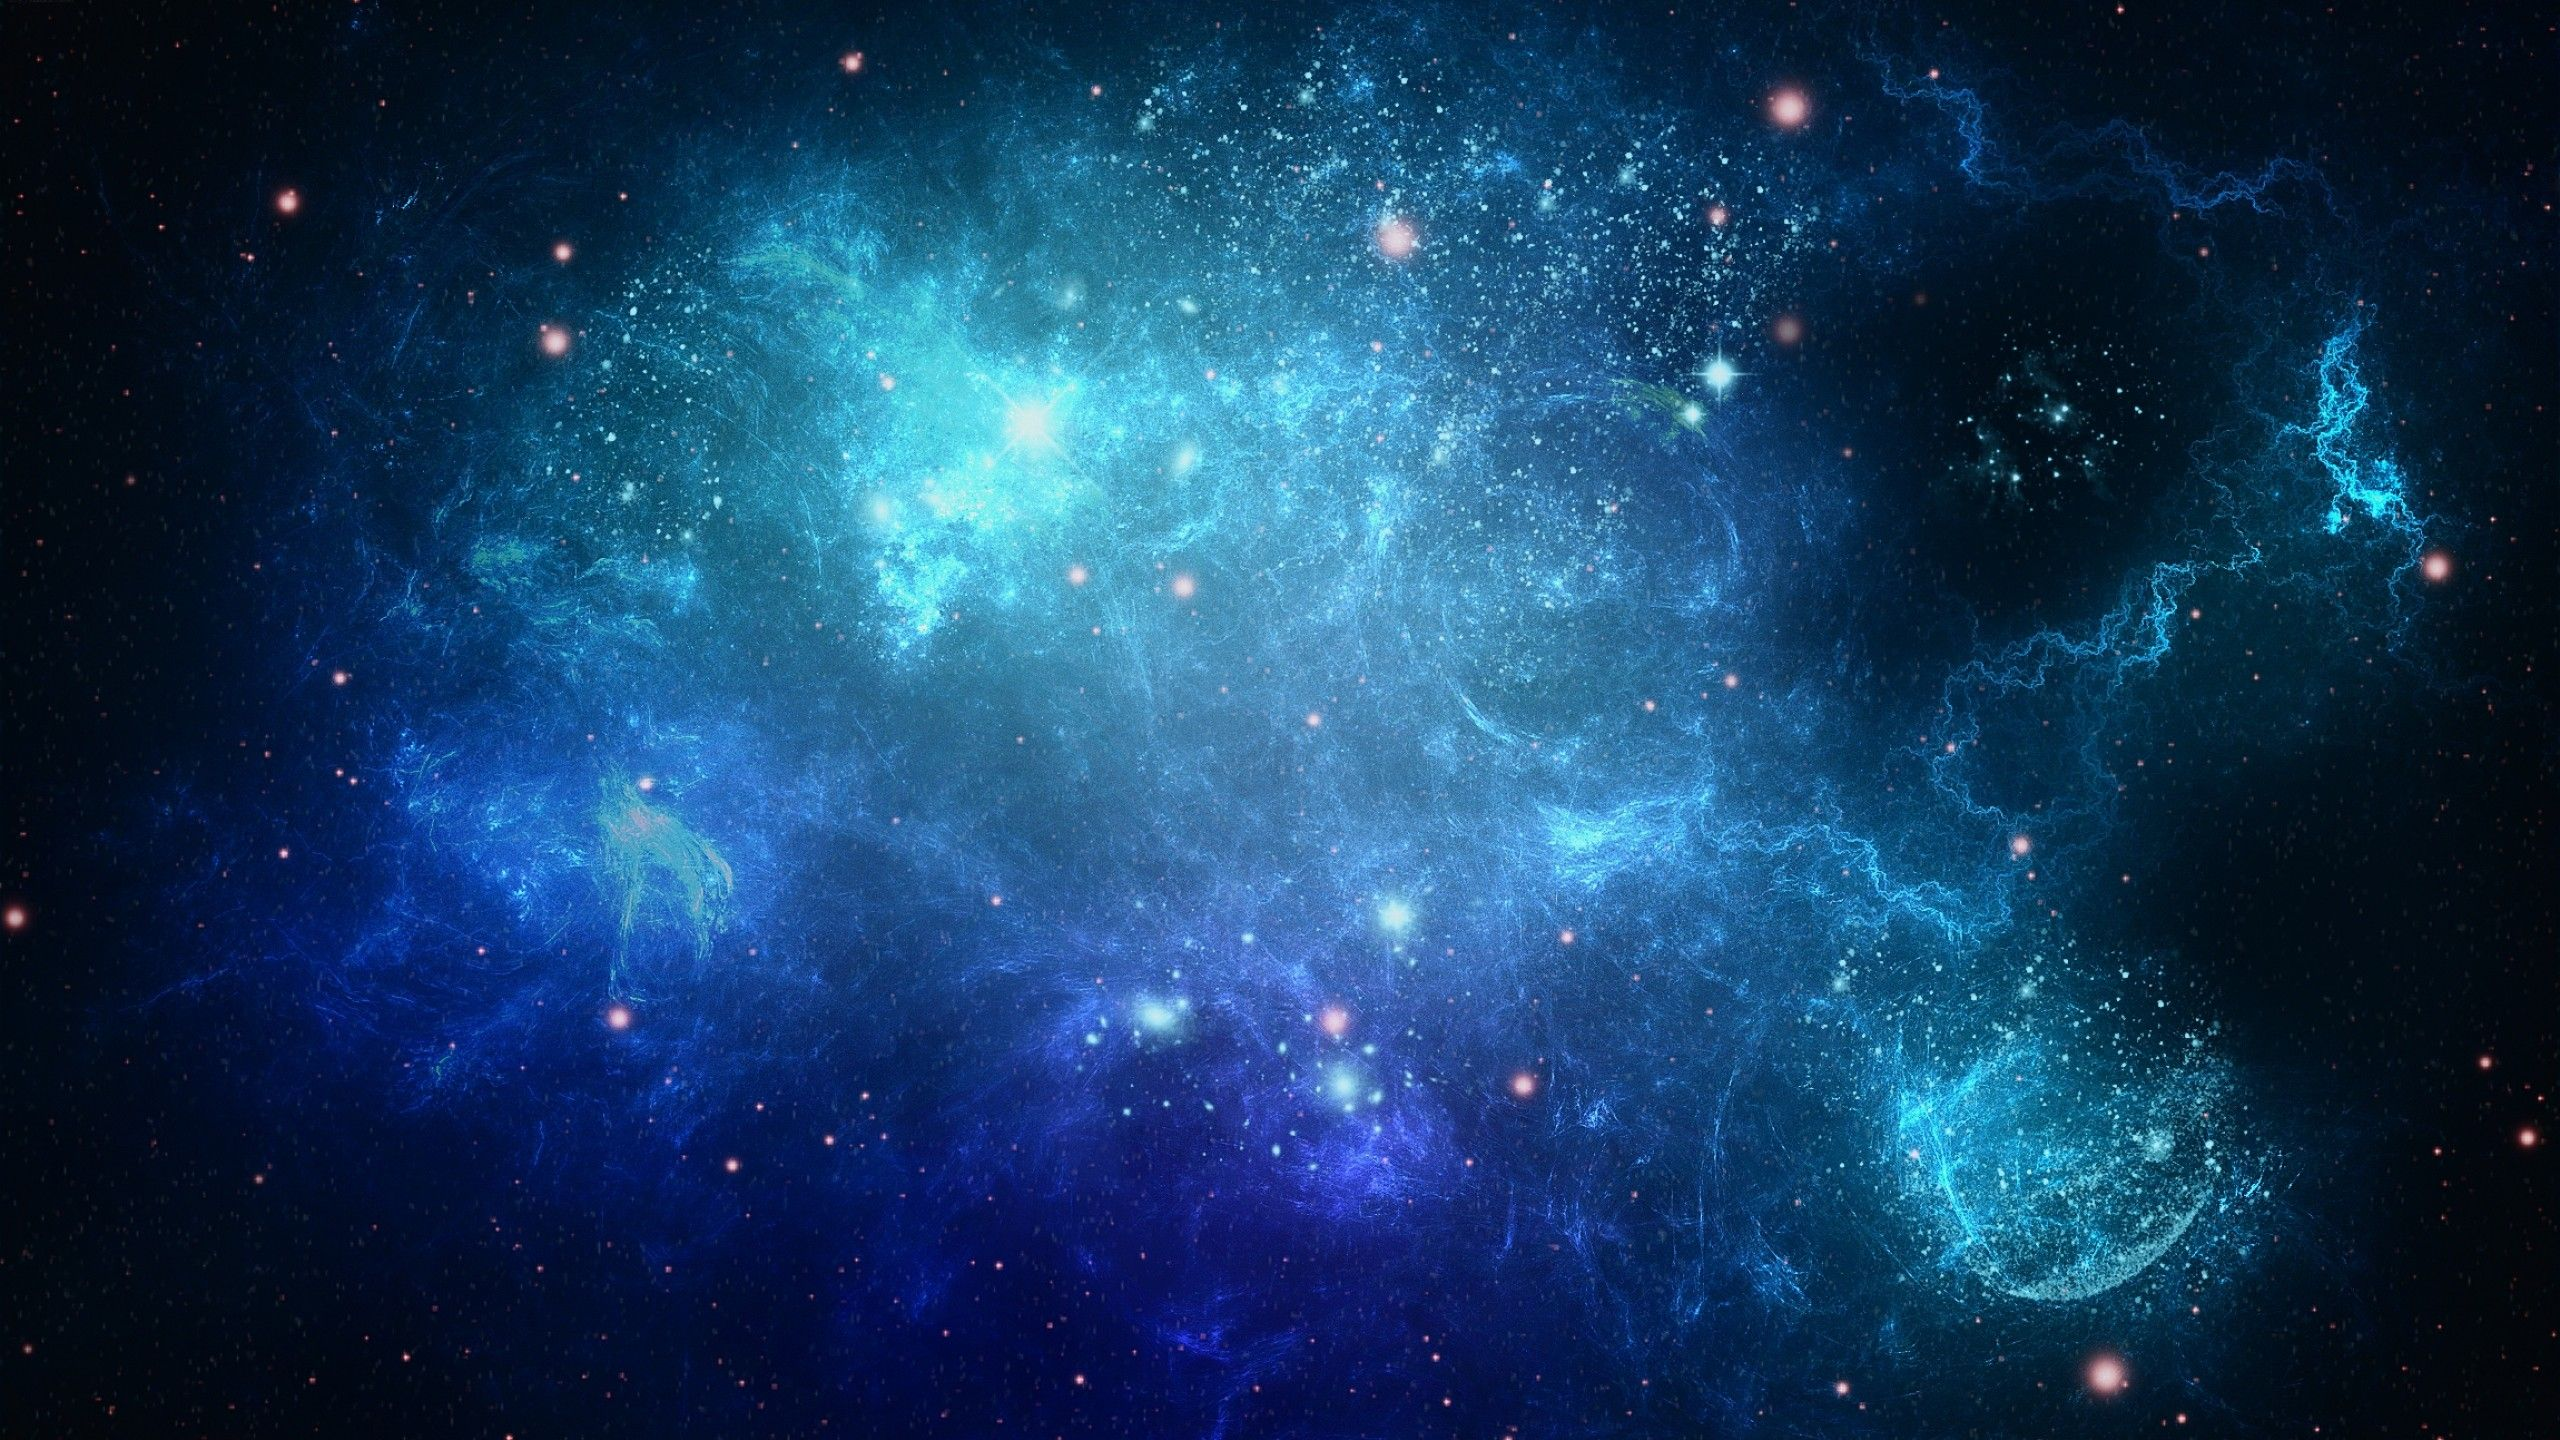 Galaxy Wallpaper 2560x1440